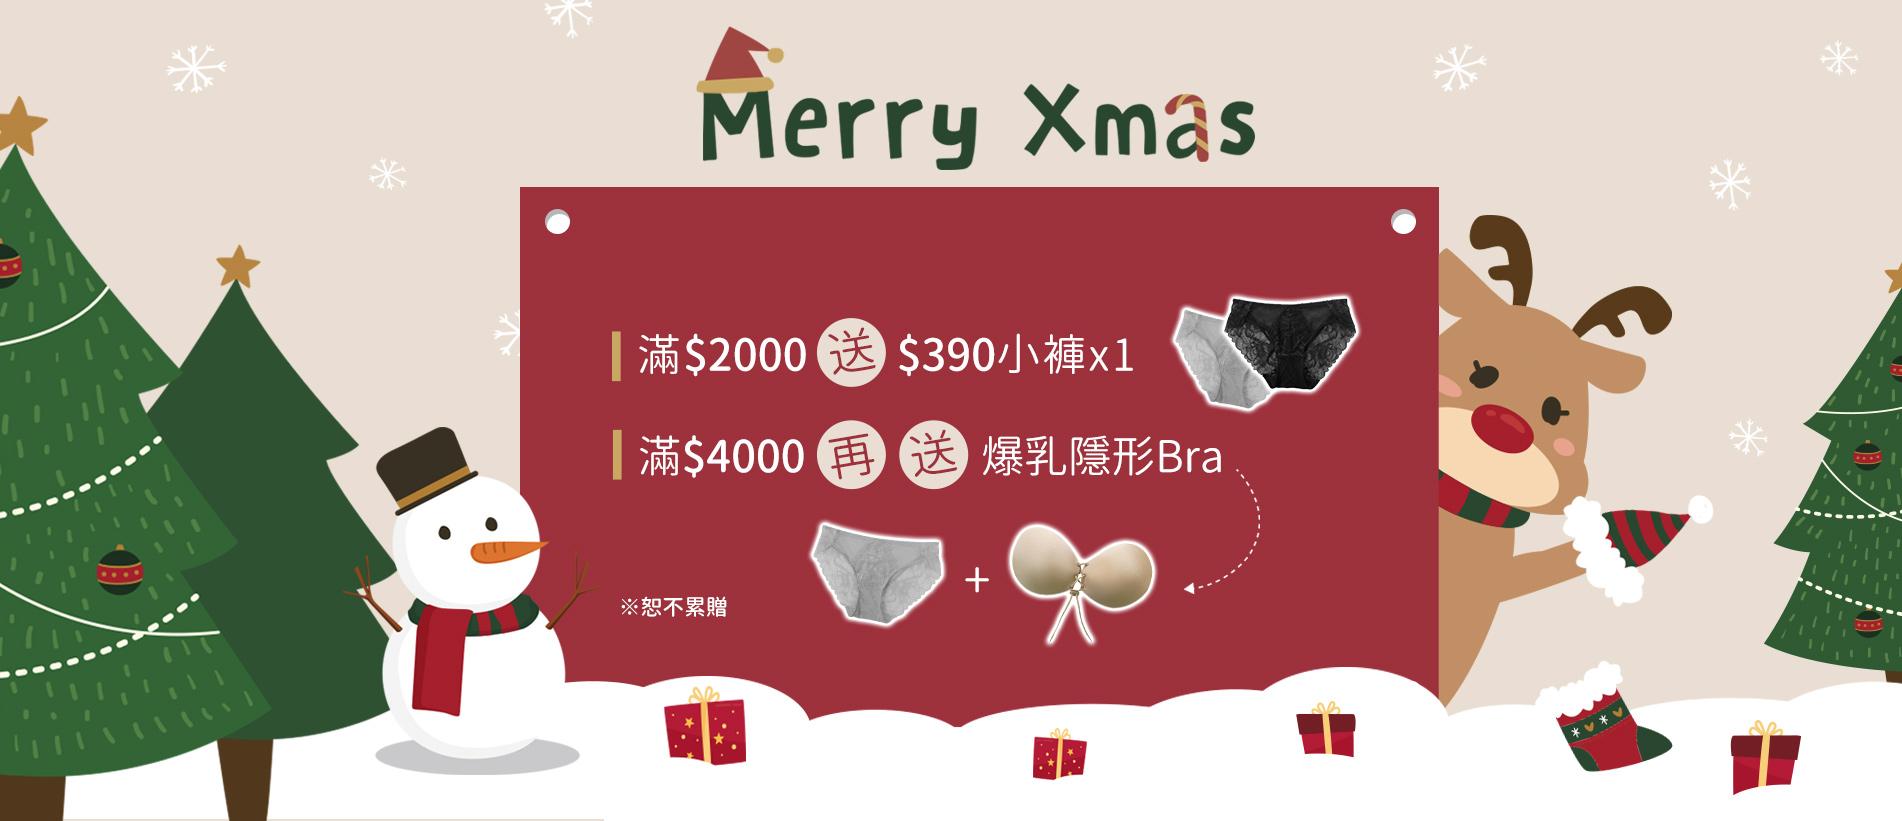 1211 聖誕活動-滿額贈